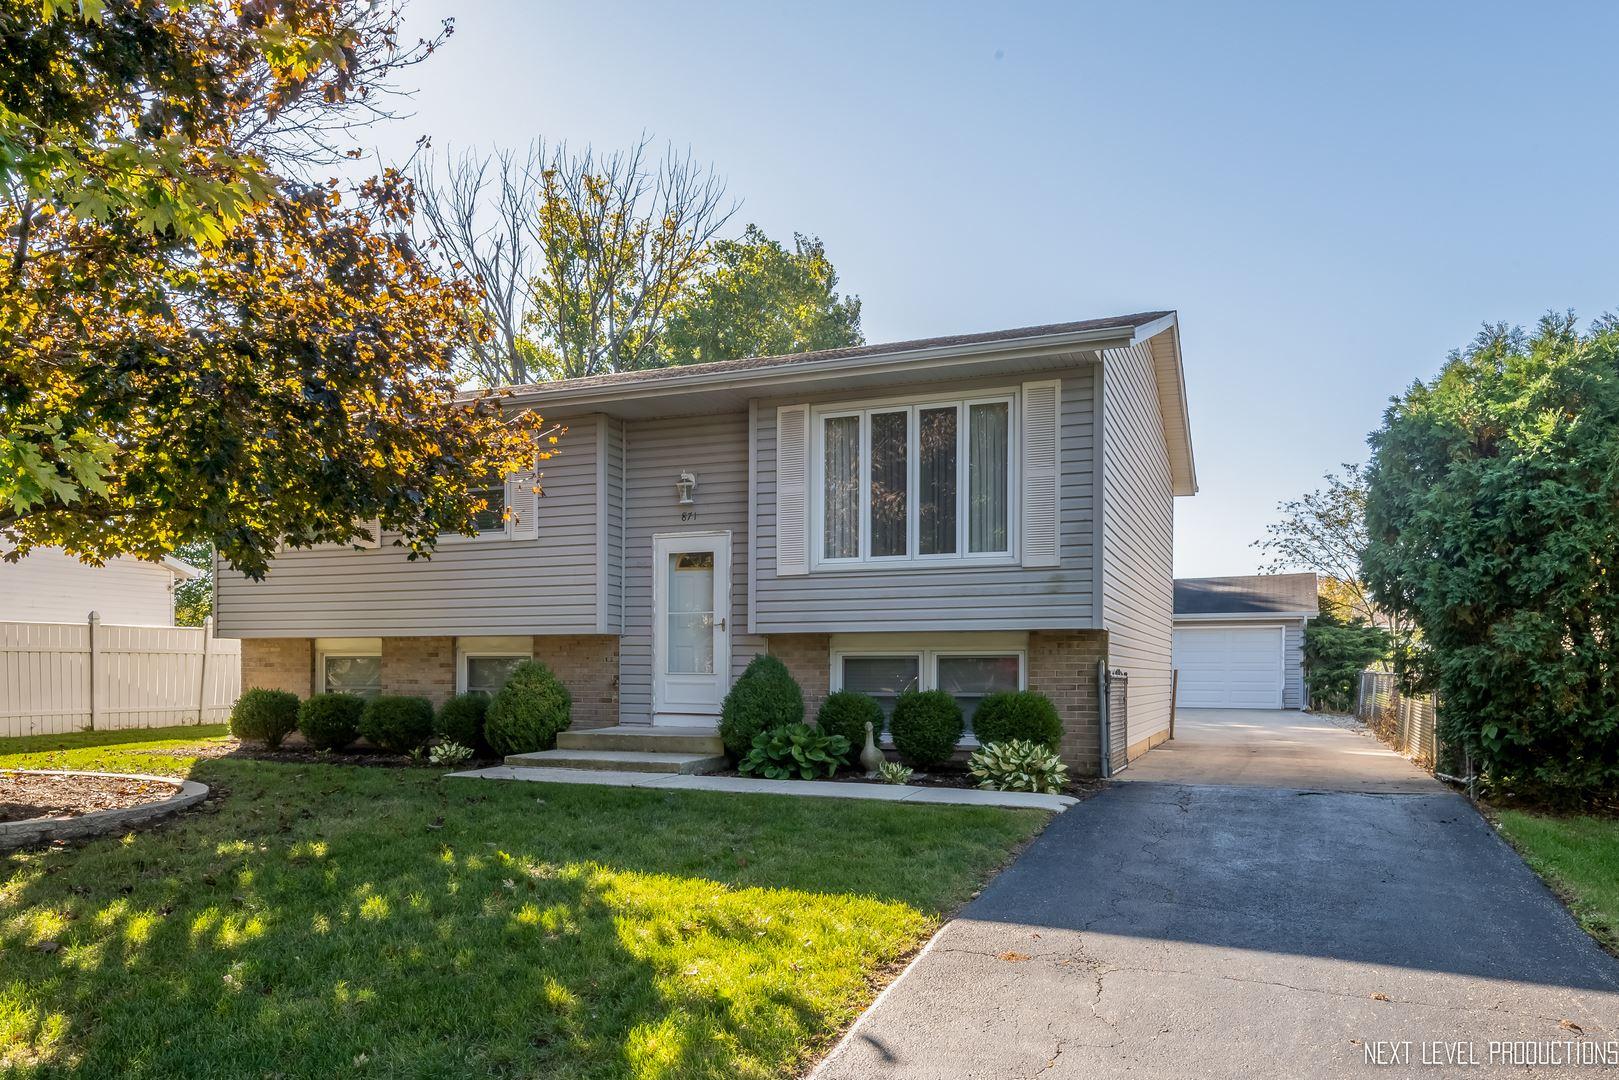 Photo of 871 Harris Drive, Bolingbrook, IL 60440 (MLS # 10904692)